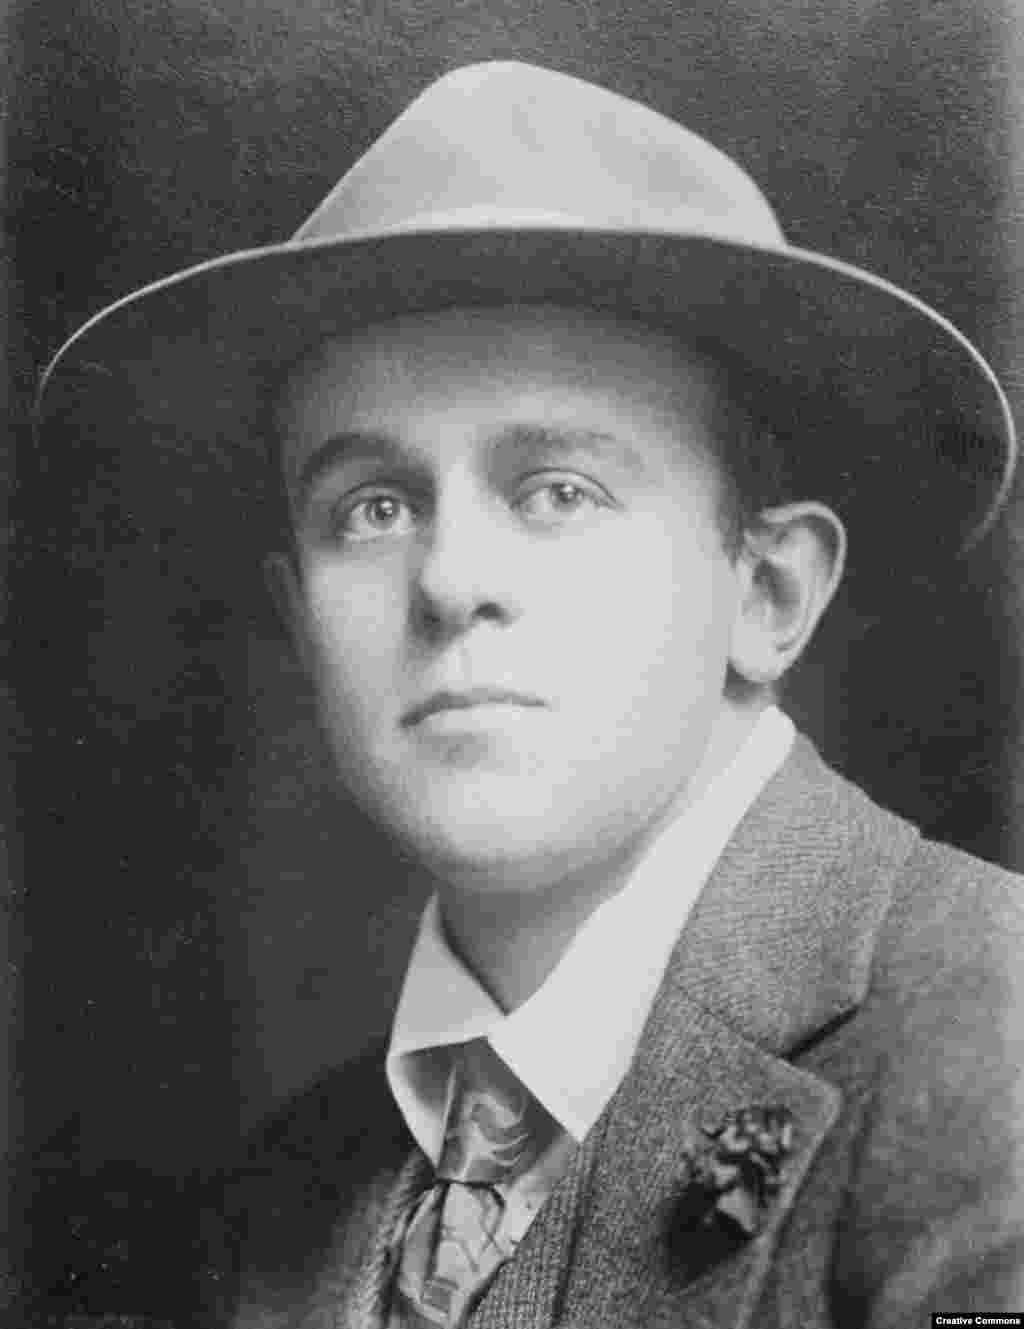 """John Reed portréja az 1900-s évek elejéről. Reed az oregoni Portlandban született, 1887-ben. Elmondása szerint egy """"francia kastélyt idéző főúri udvarházban"""" nőtt fel, amelynek """"erdejében szelíd szarvasok"""" tanyáztak. Családja azonban elveszítette vagyonát, és Reed nehezen viselte a hirtelen elszegényedést."""